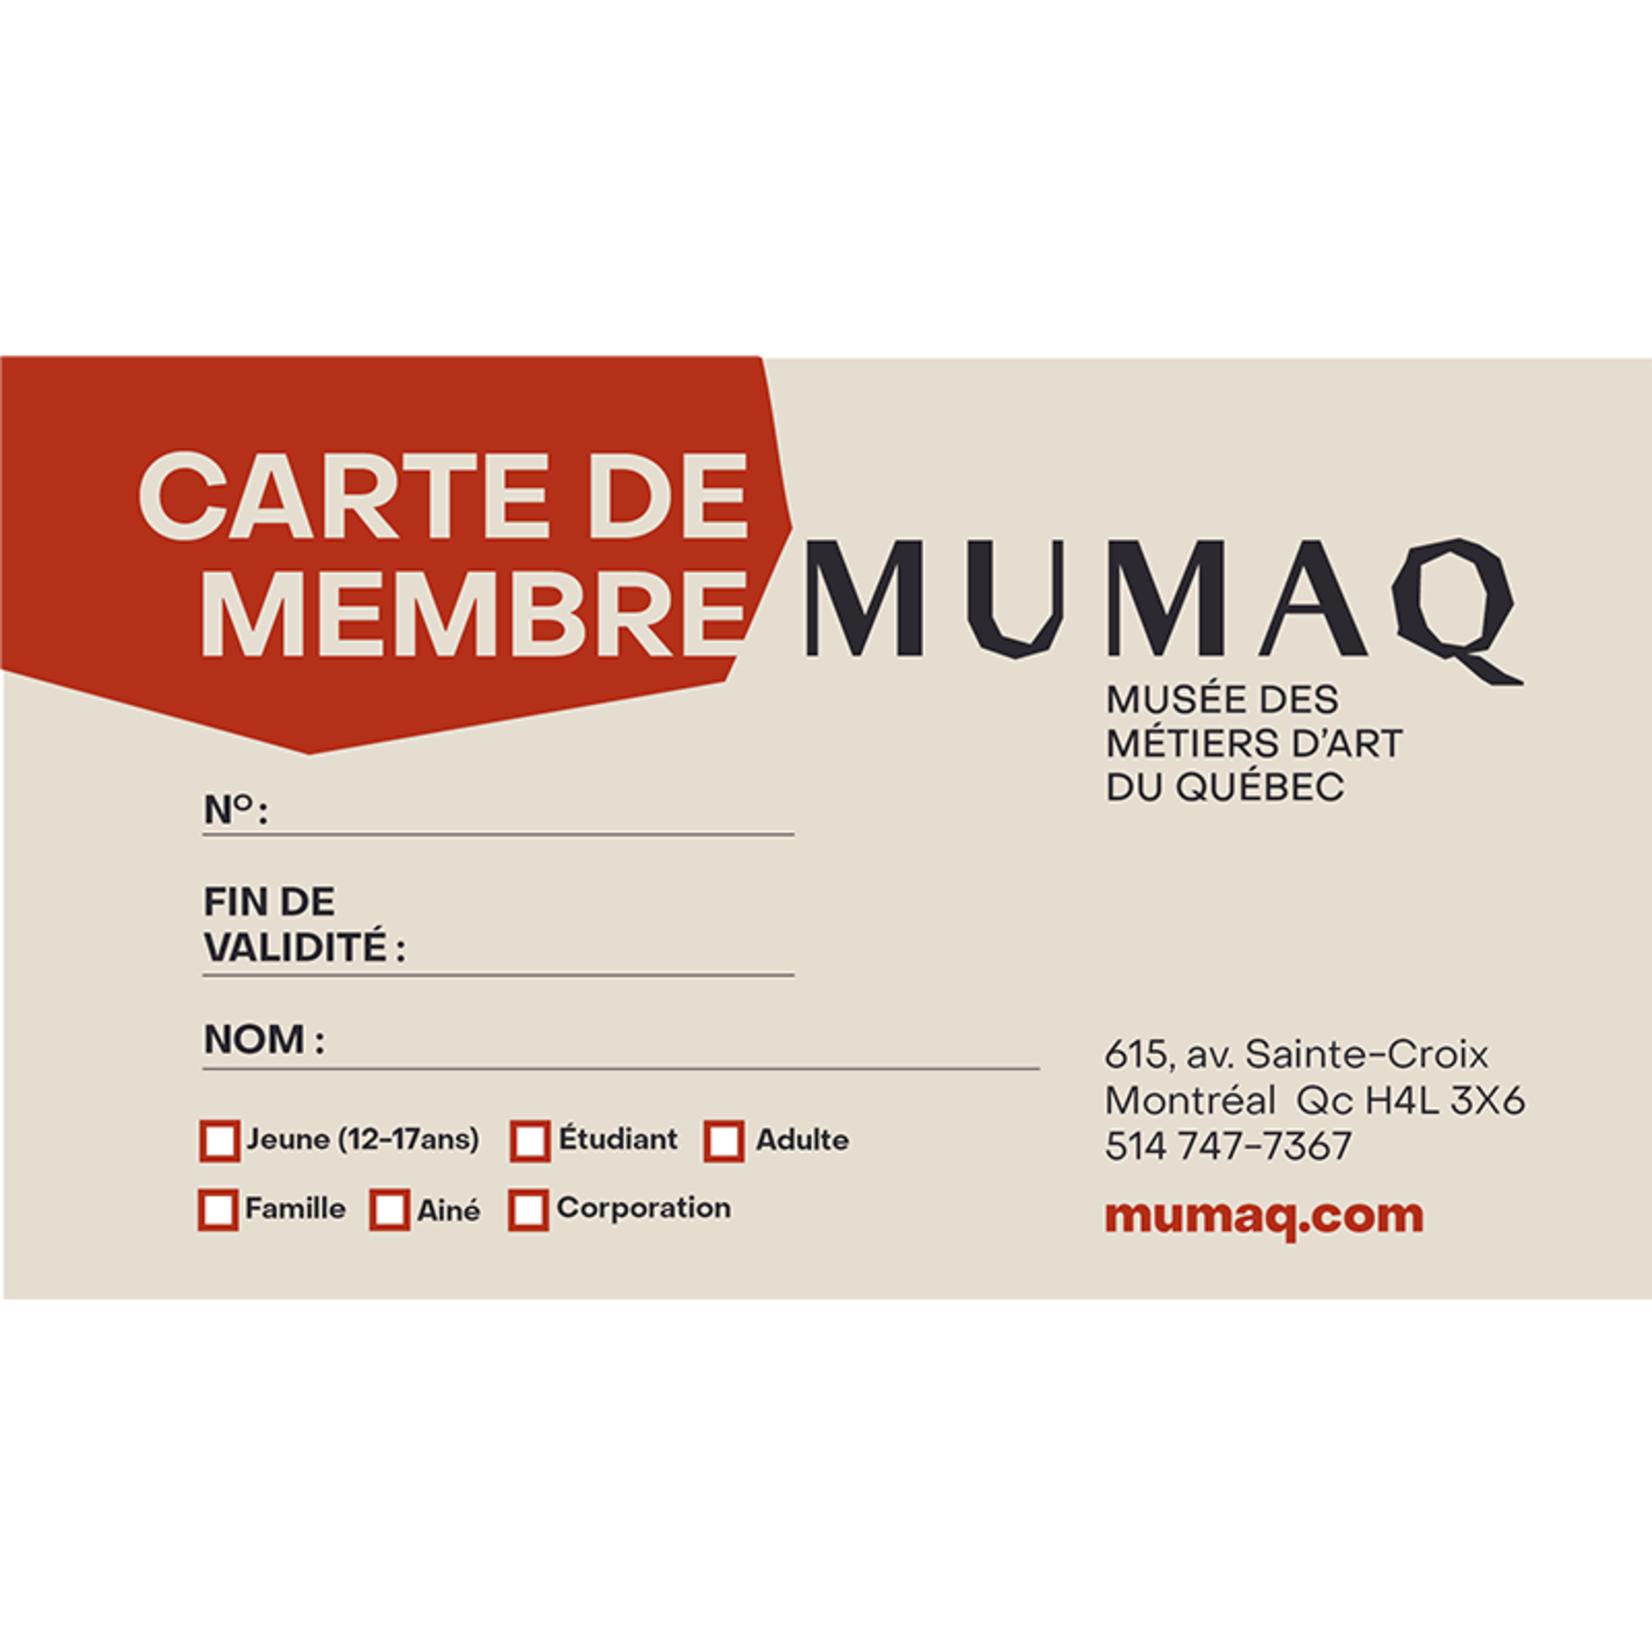 Membership card - 1 year